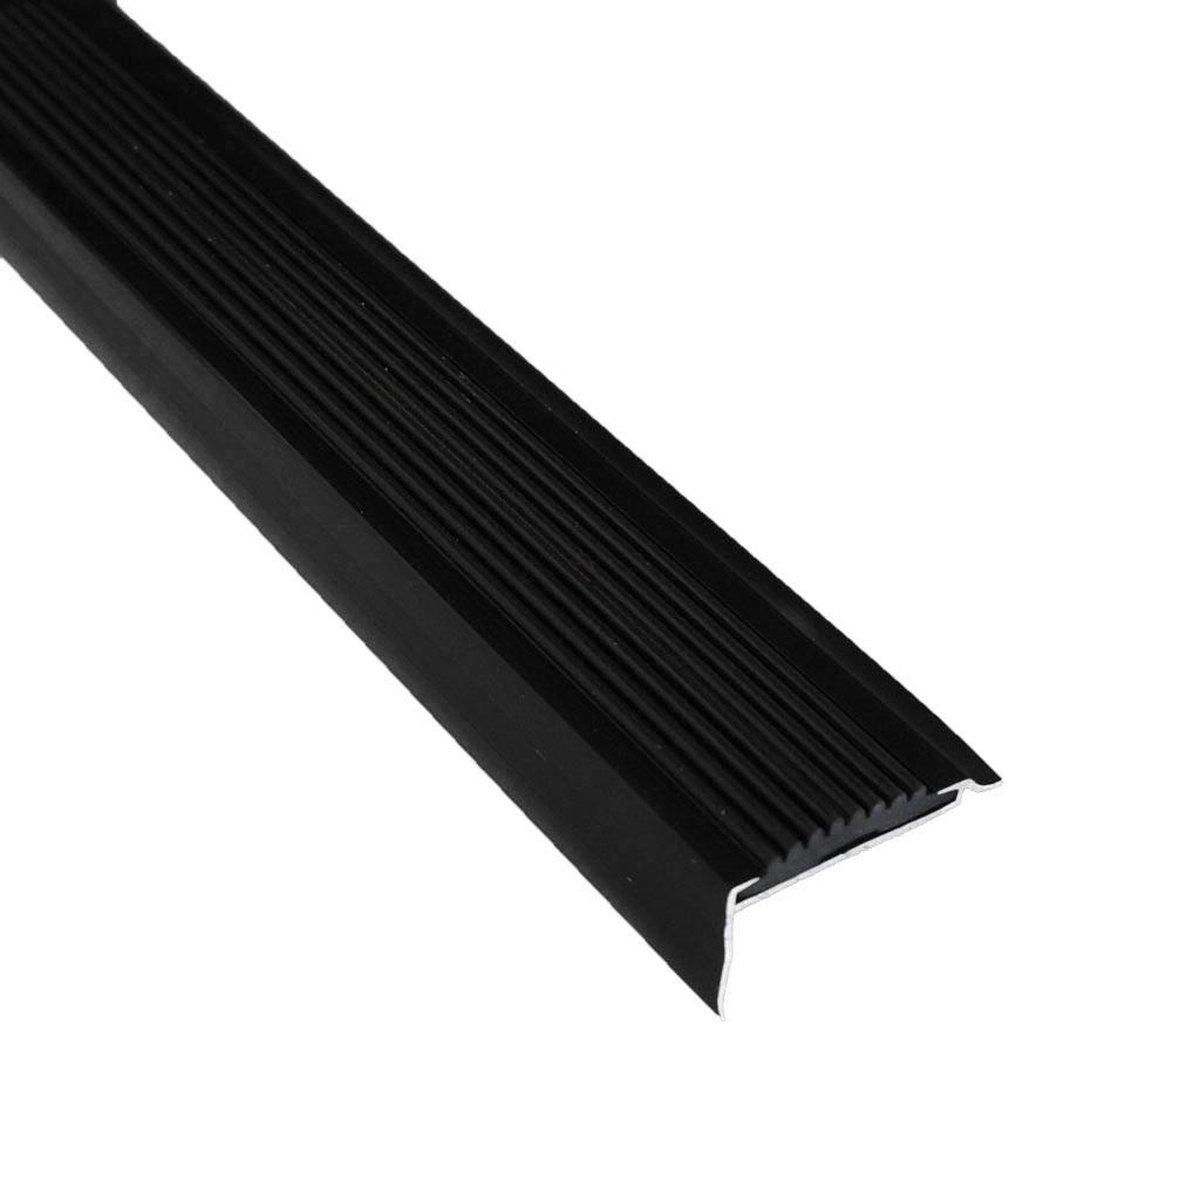 Aluminium trapprofiel zwart 42 x 22 x 1000 mm - 1 stuk